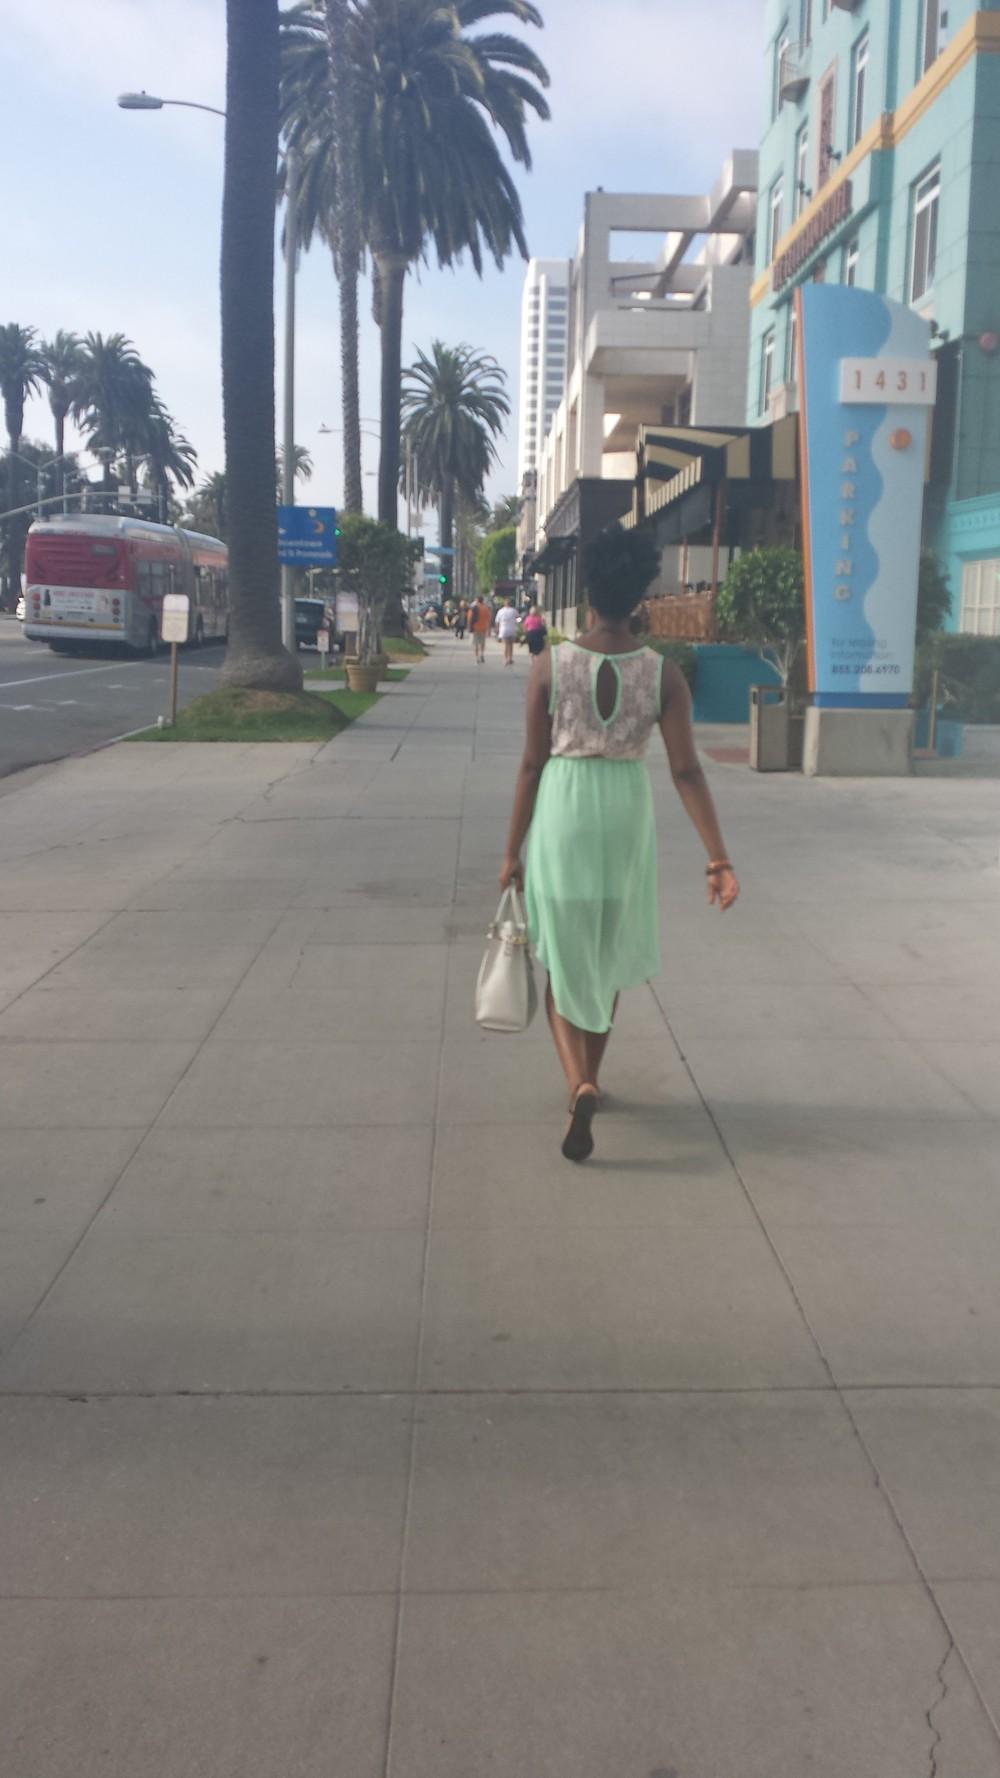 Walking along the street in Santa Monica